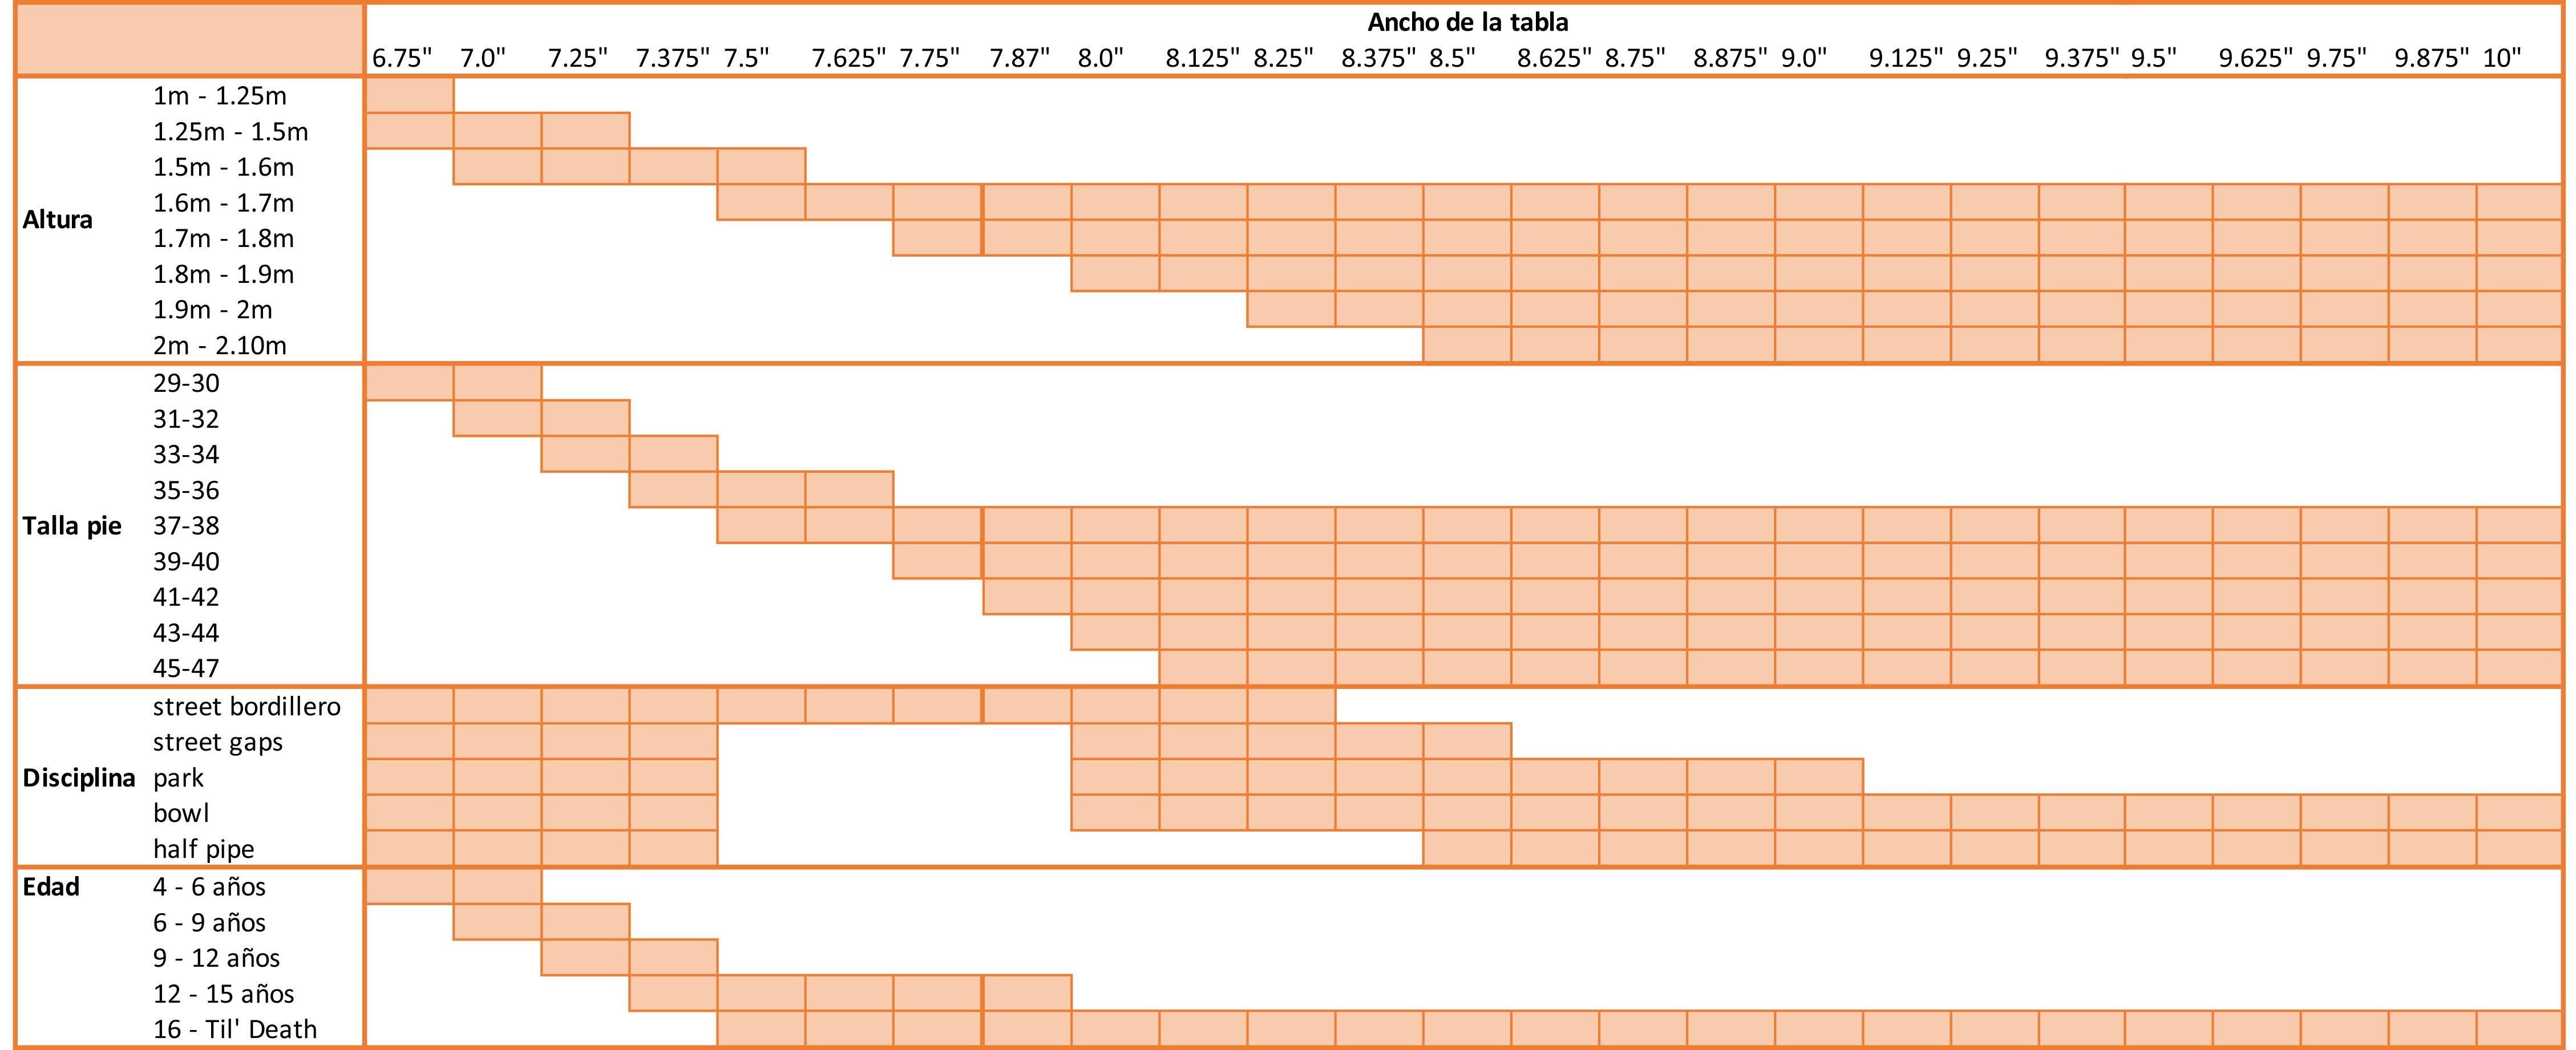 Tabla de equivalencias para escoger el ancho de tu skate